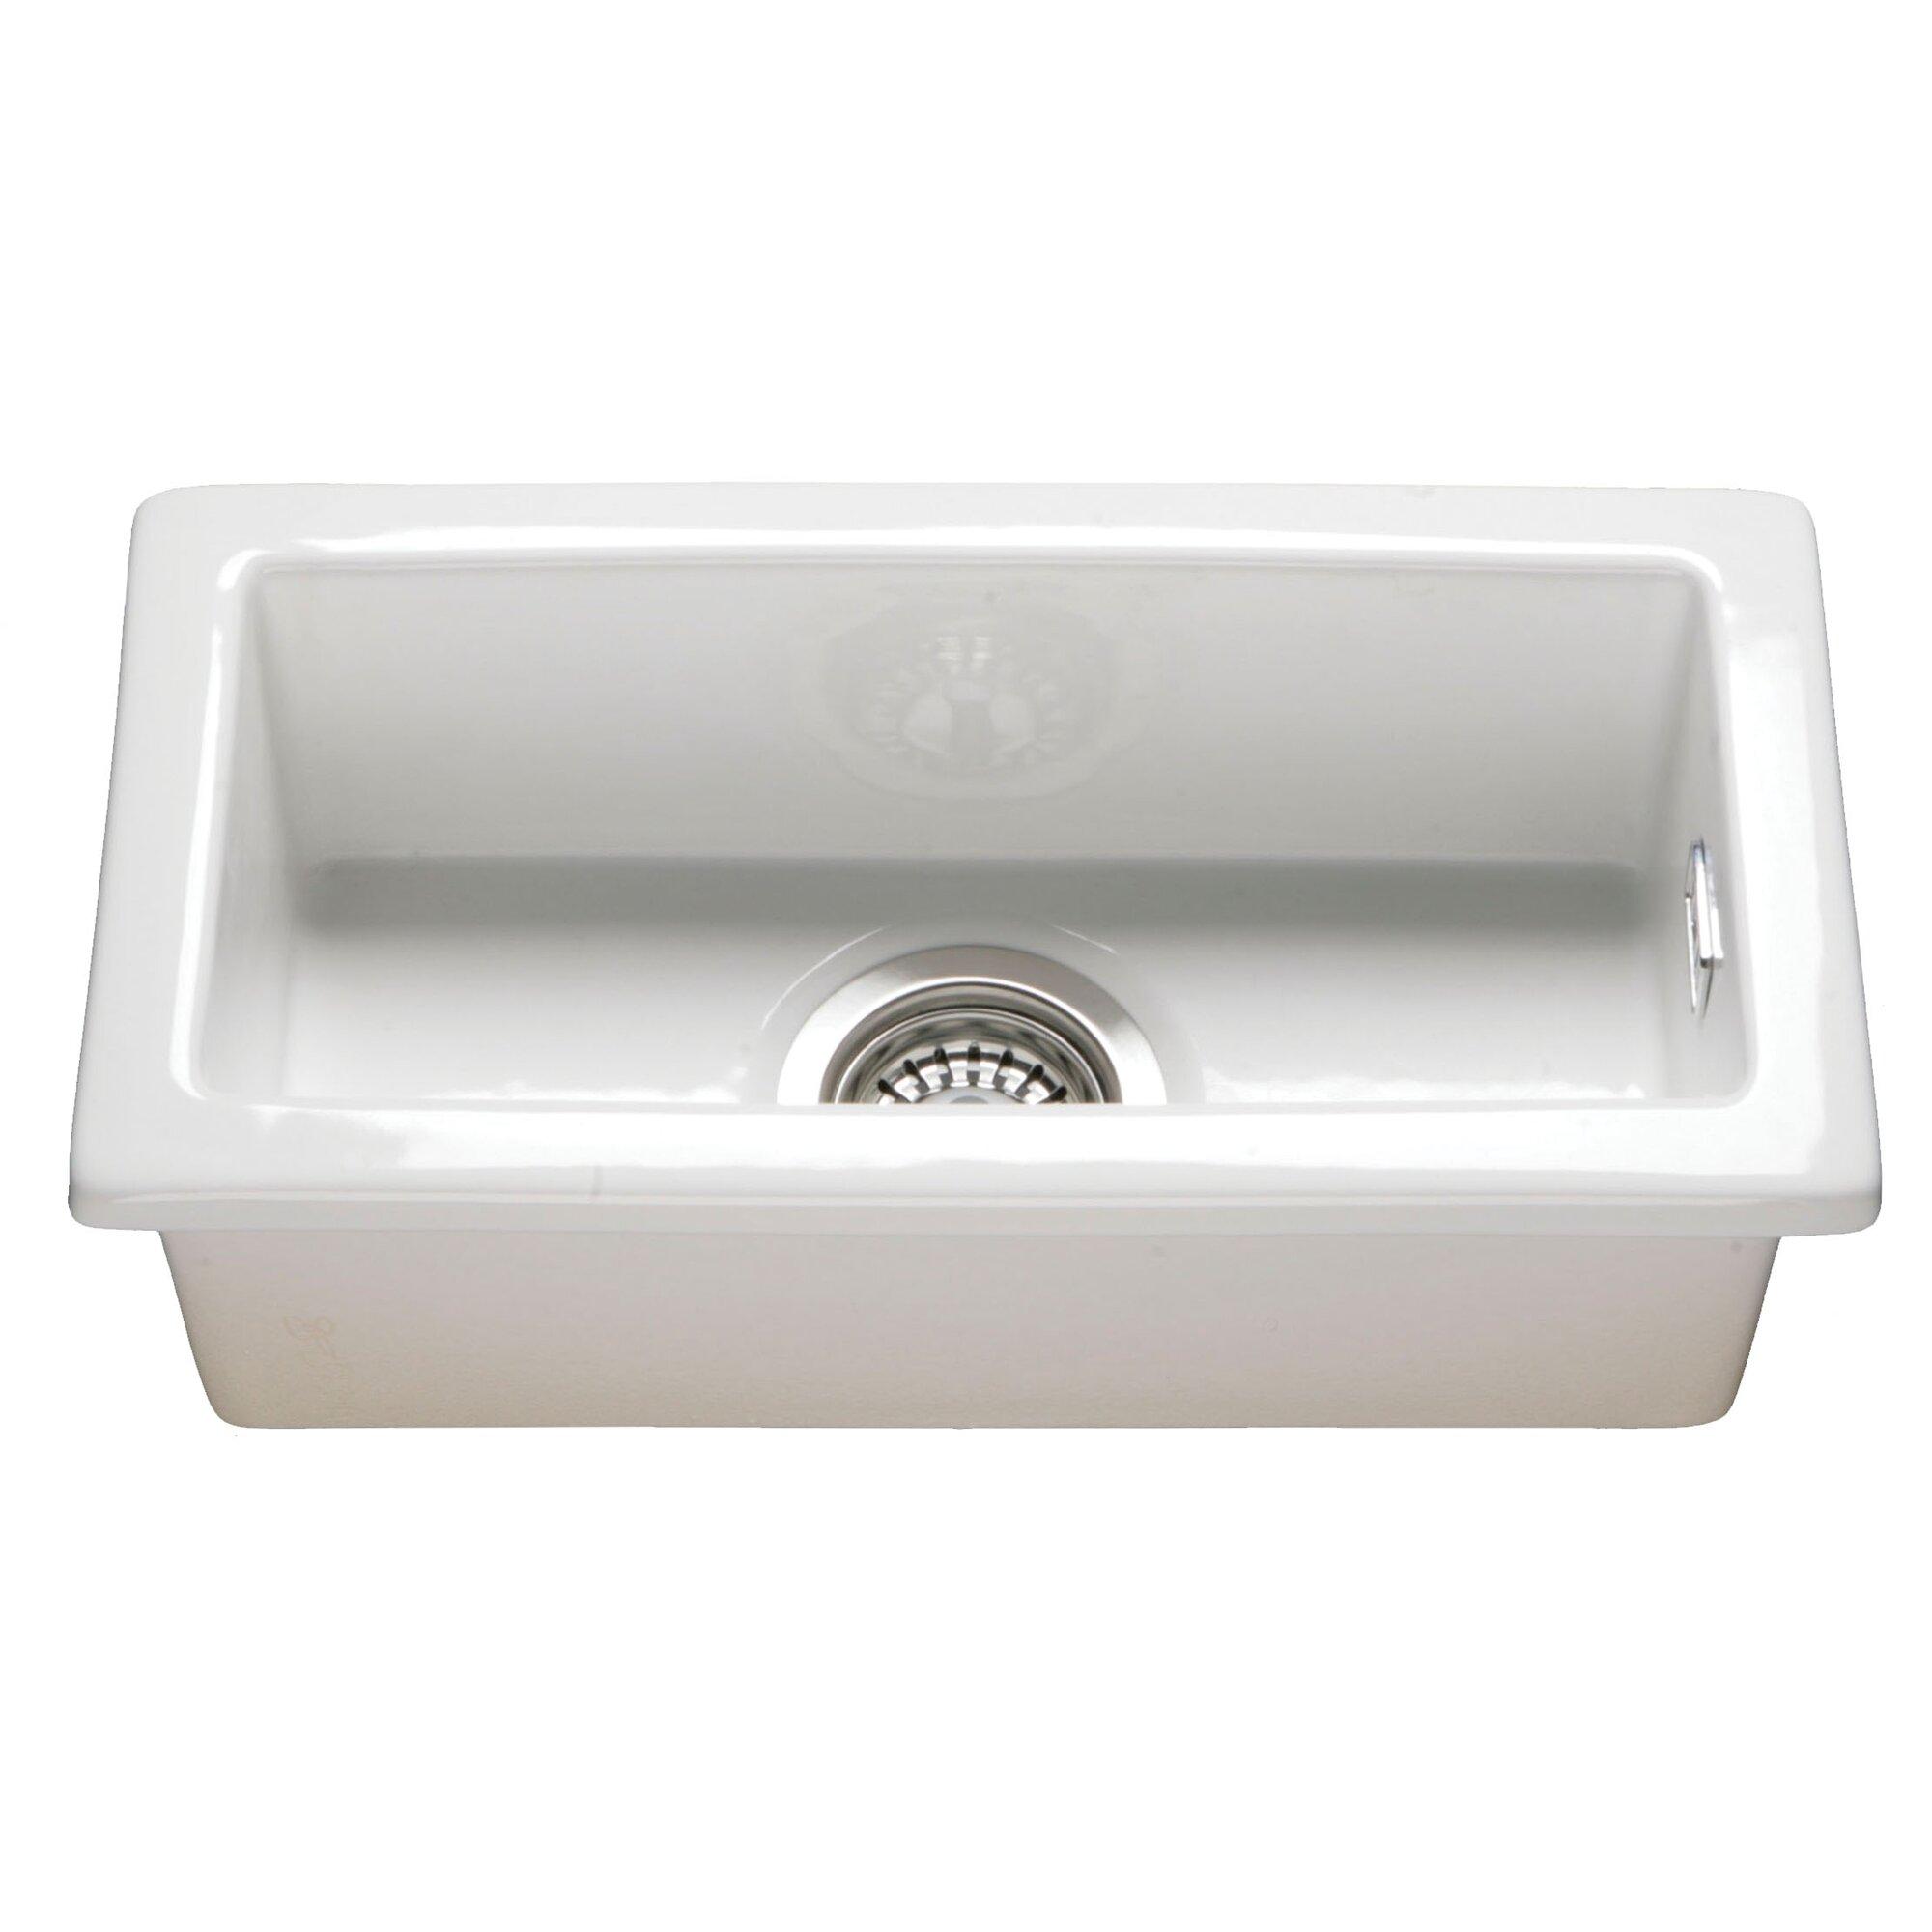 475cm x 25xm gourmet kitchen sink - Kitchen Sink Uk